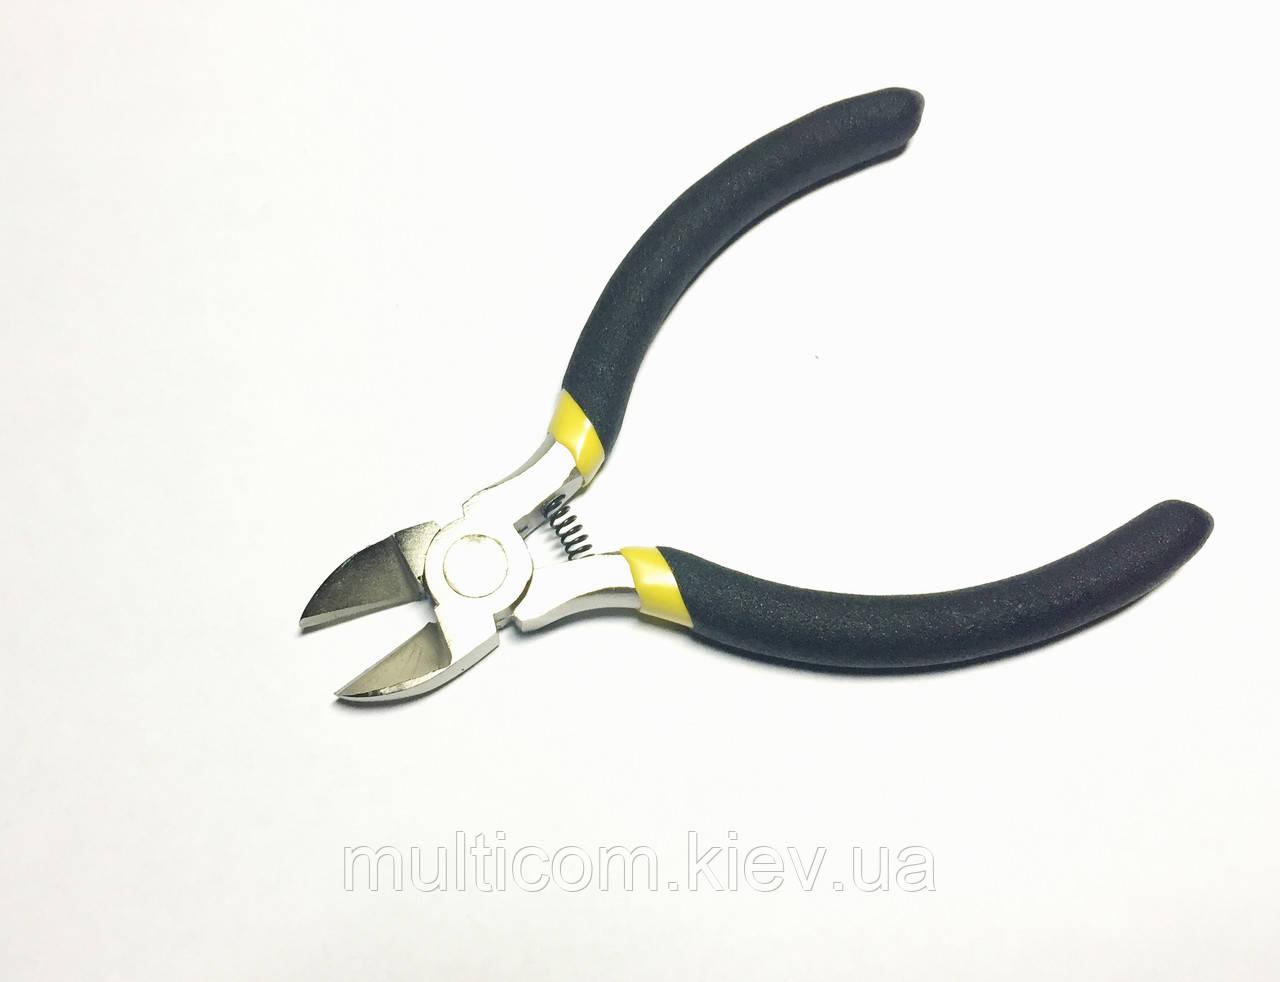 12-08-005. Кусачки ферроникеливые боковые, прорезиненые ручки R'Deer, 98-512